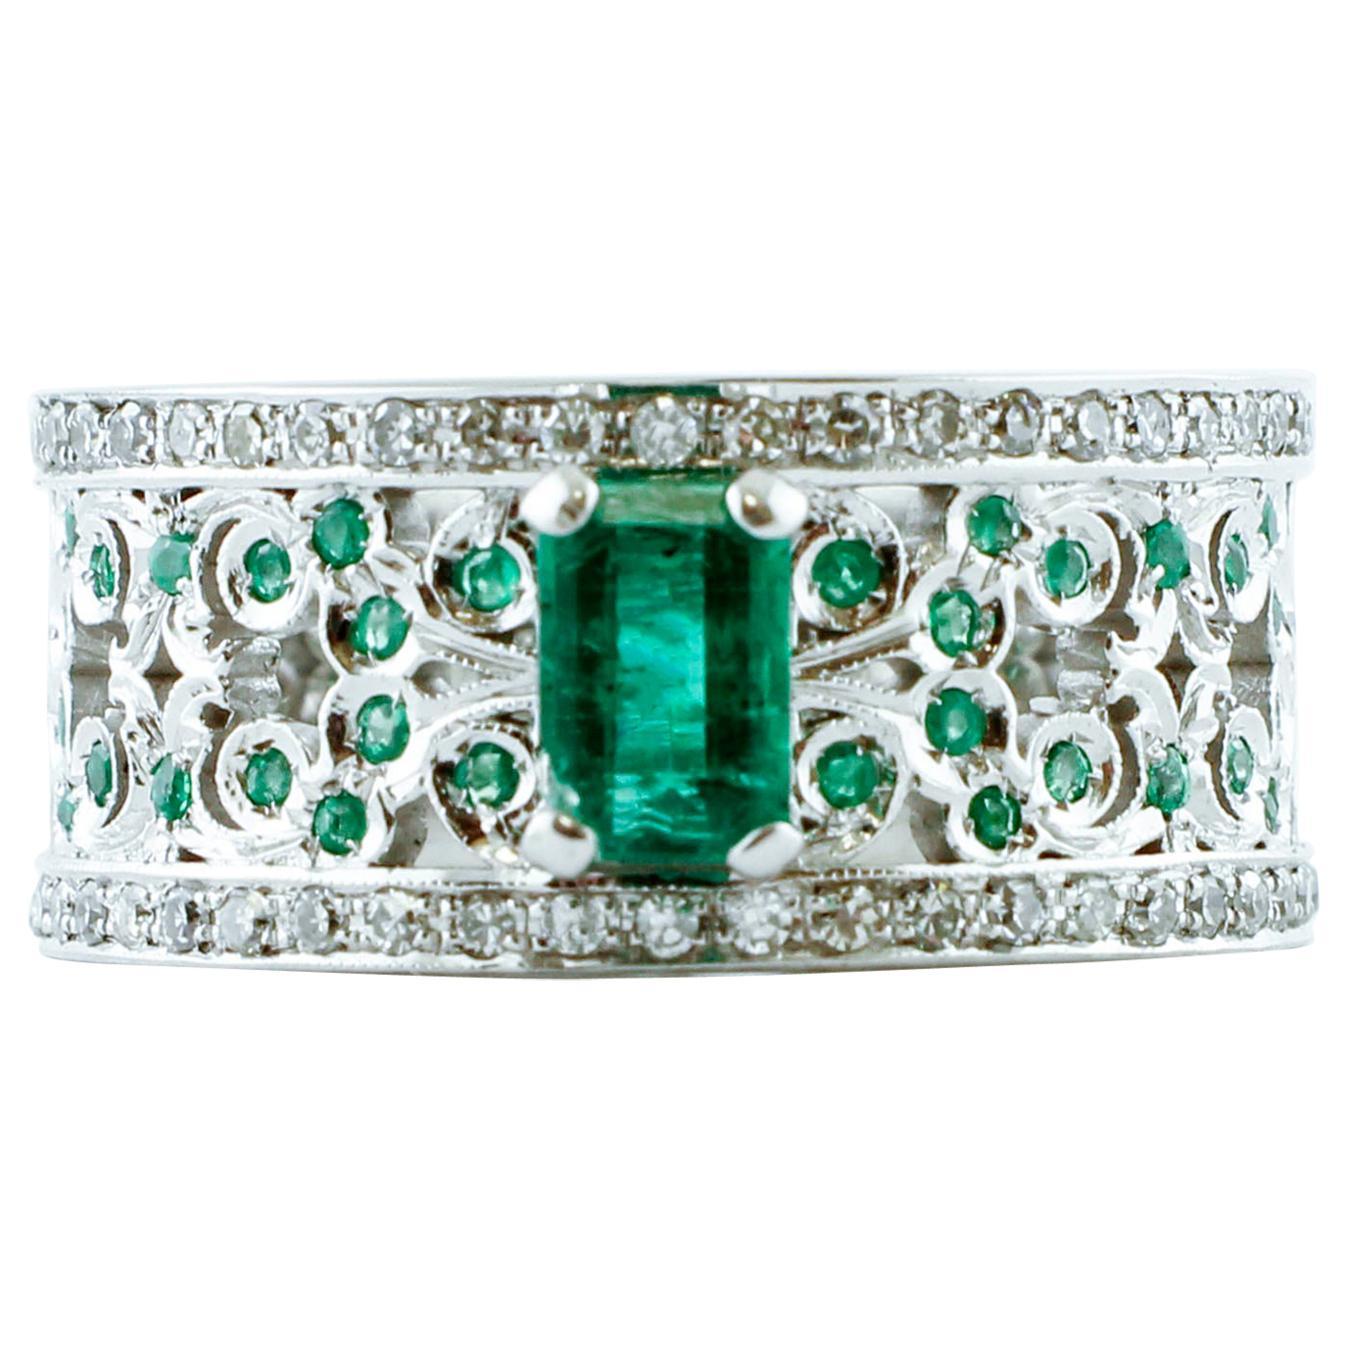 White Diamonds, Emeralds, White Gold Fashion Band Ring